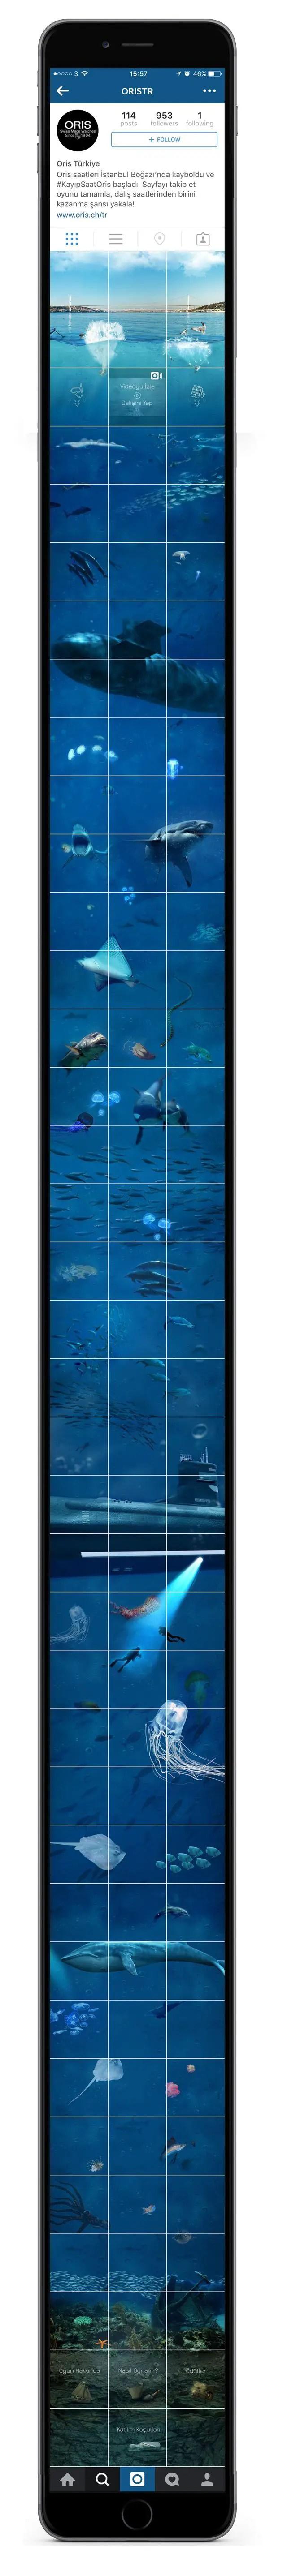 wersm-oris-turkey-underwater-dive-game-instagram